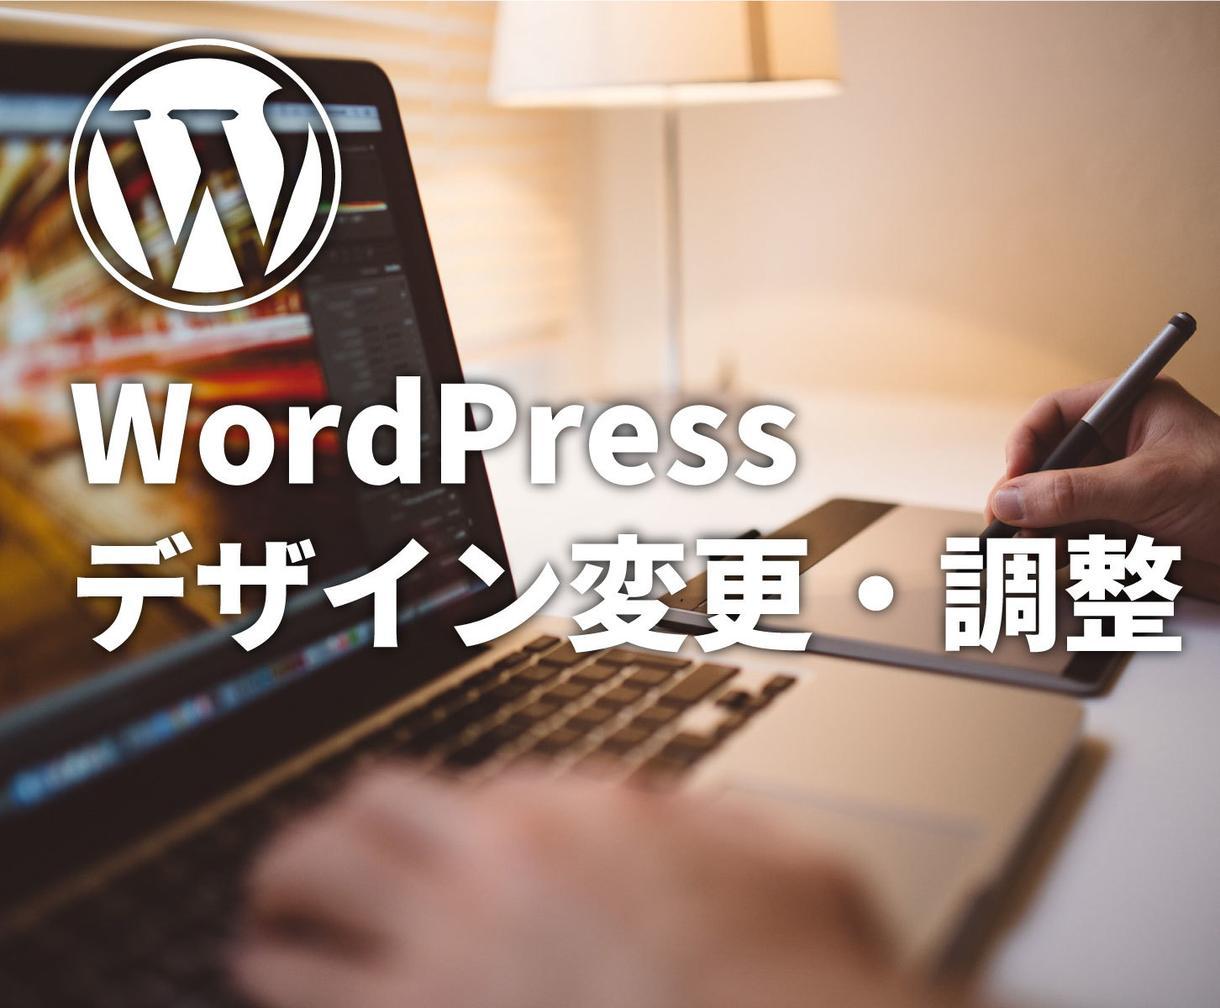 WordPressのデザインを変更・調整をします オリジナルデザインへカスタマイズ!代行にも対応の安心サービス